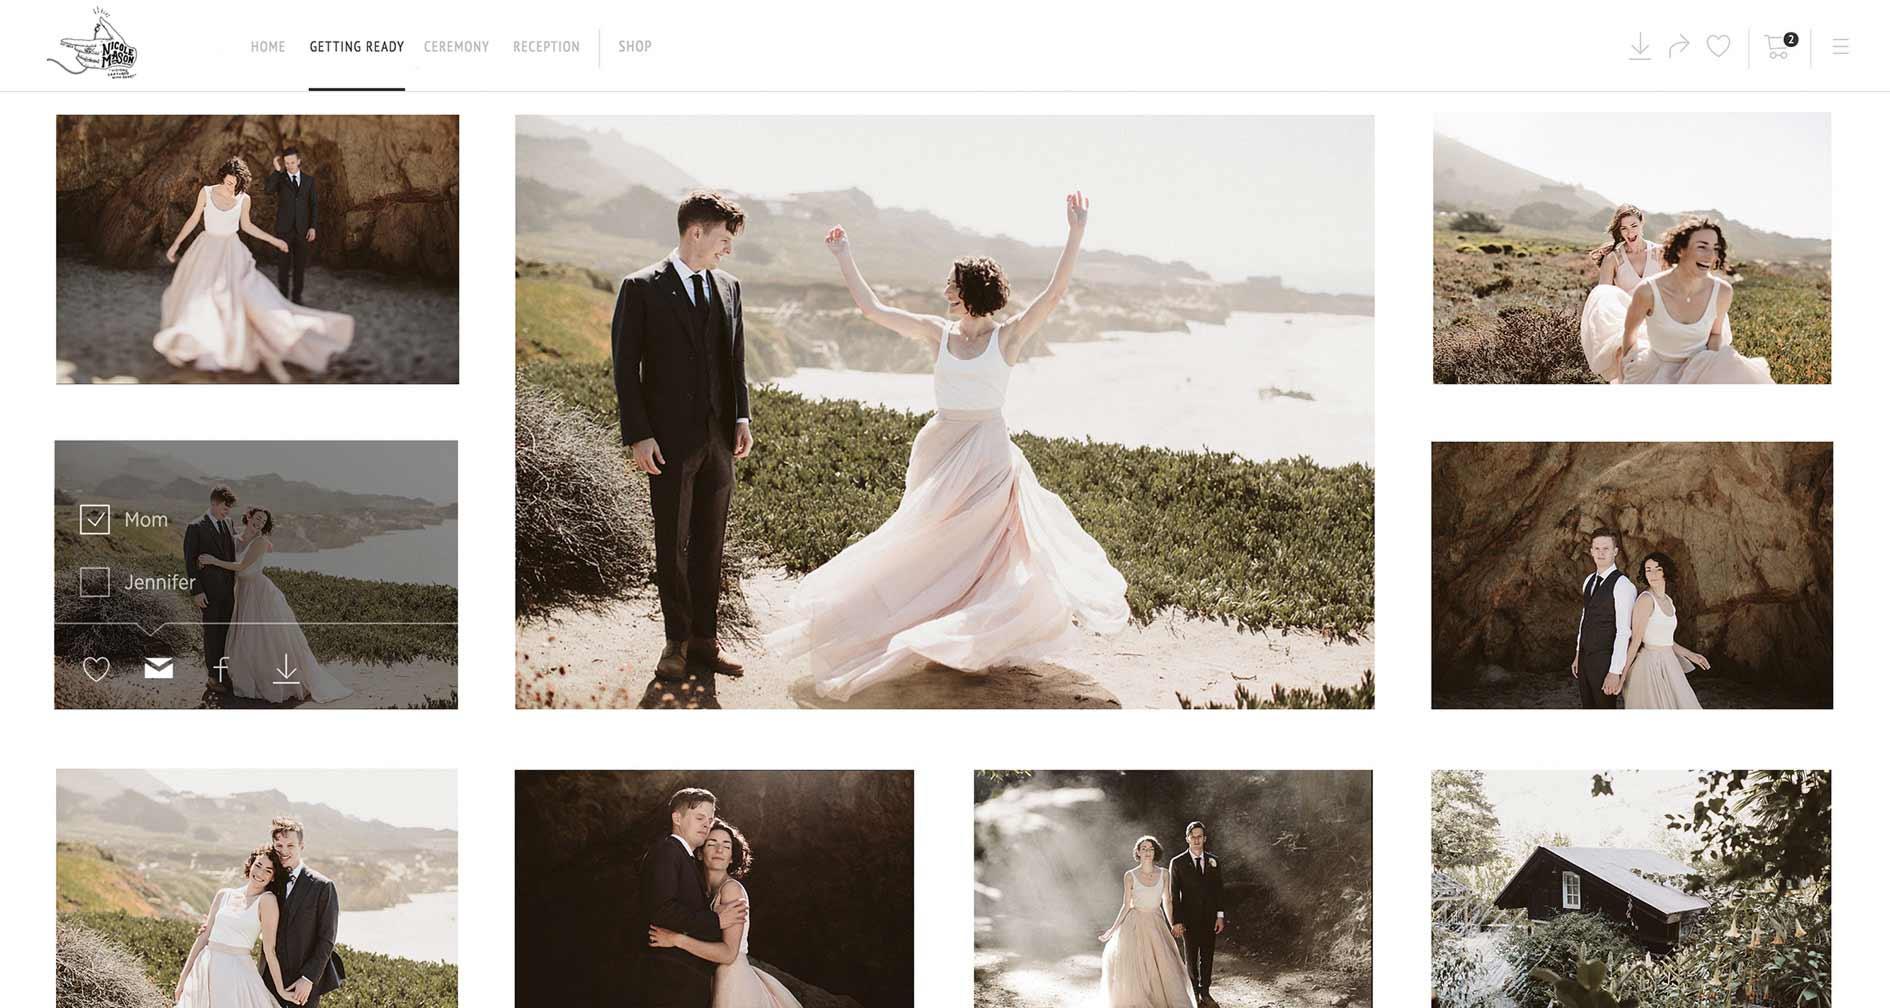 website-gallery-04.jpg